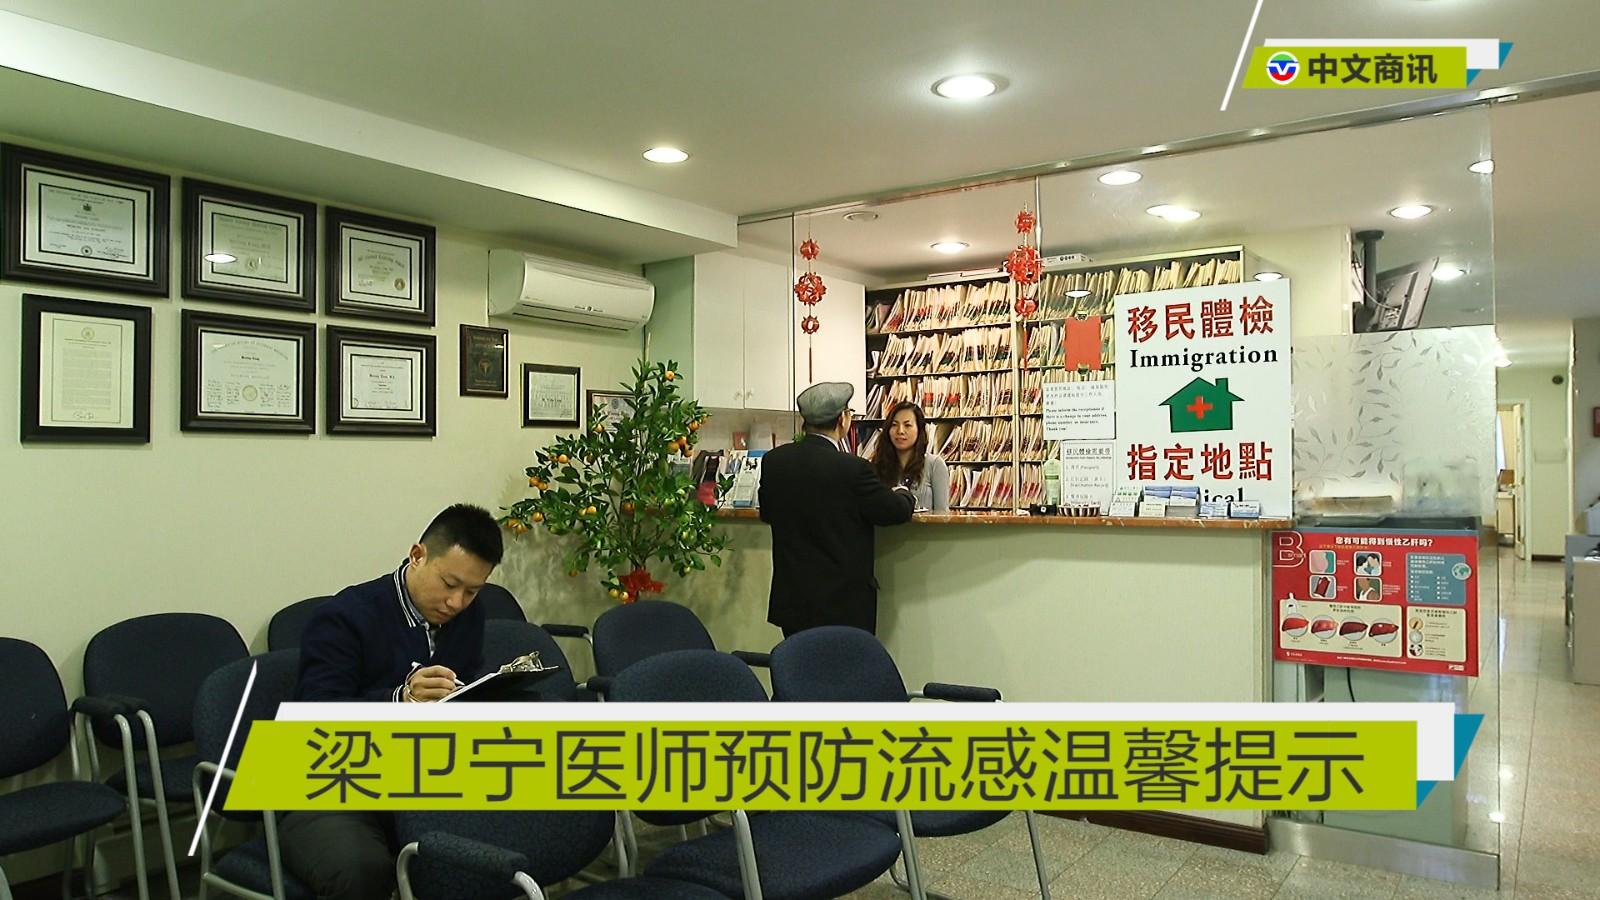 【视频】宁欣综合诊所美国移民局指定体检中心